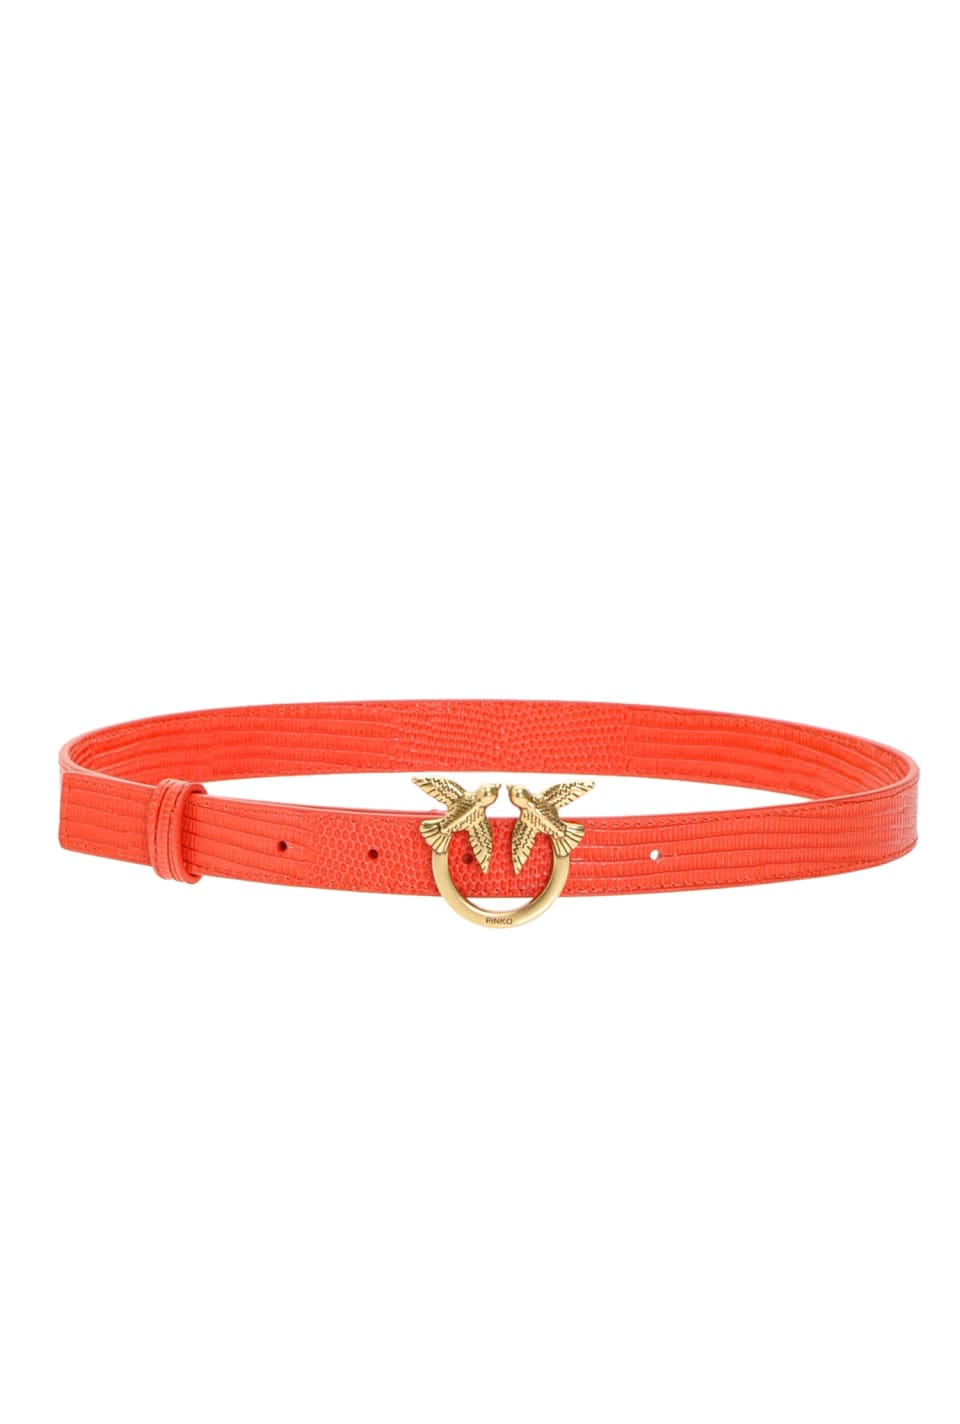 Narrow reptile-look belt with Love Birds buckle - Pinko